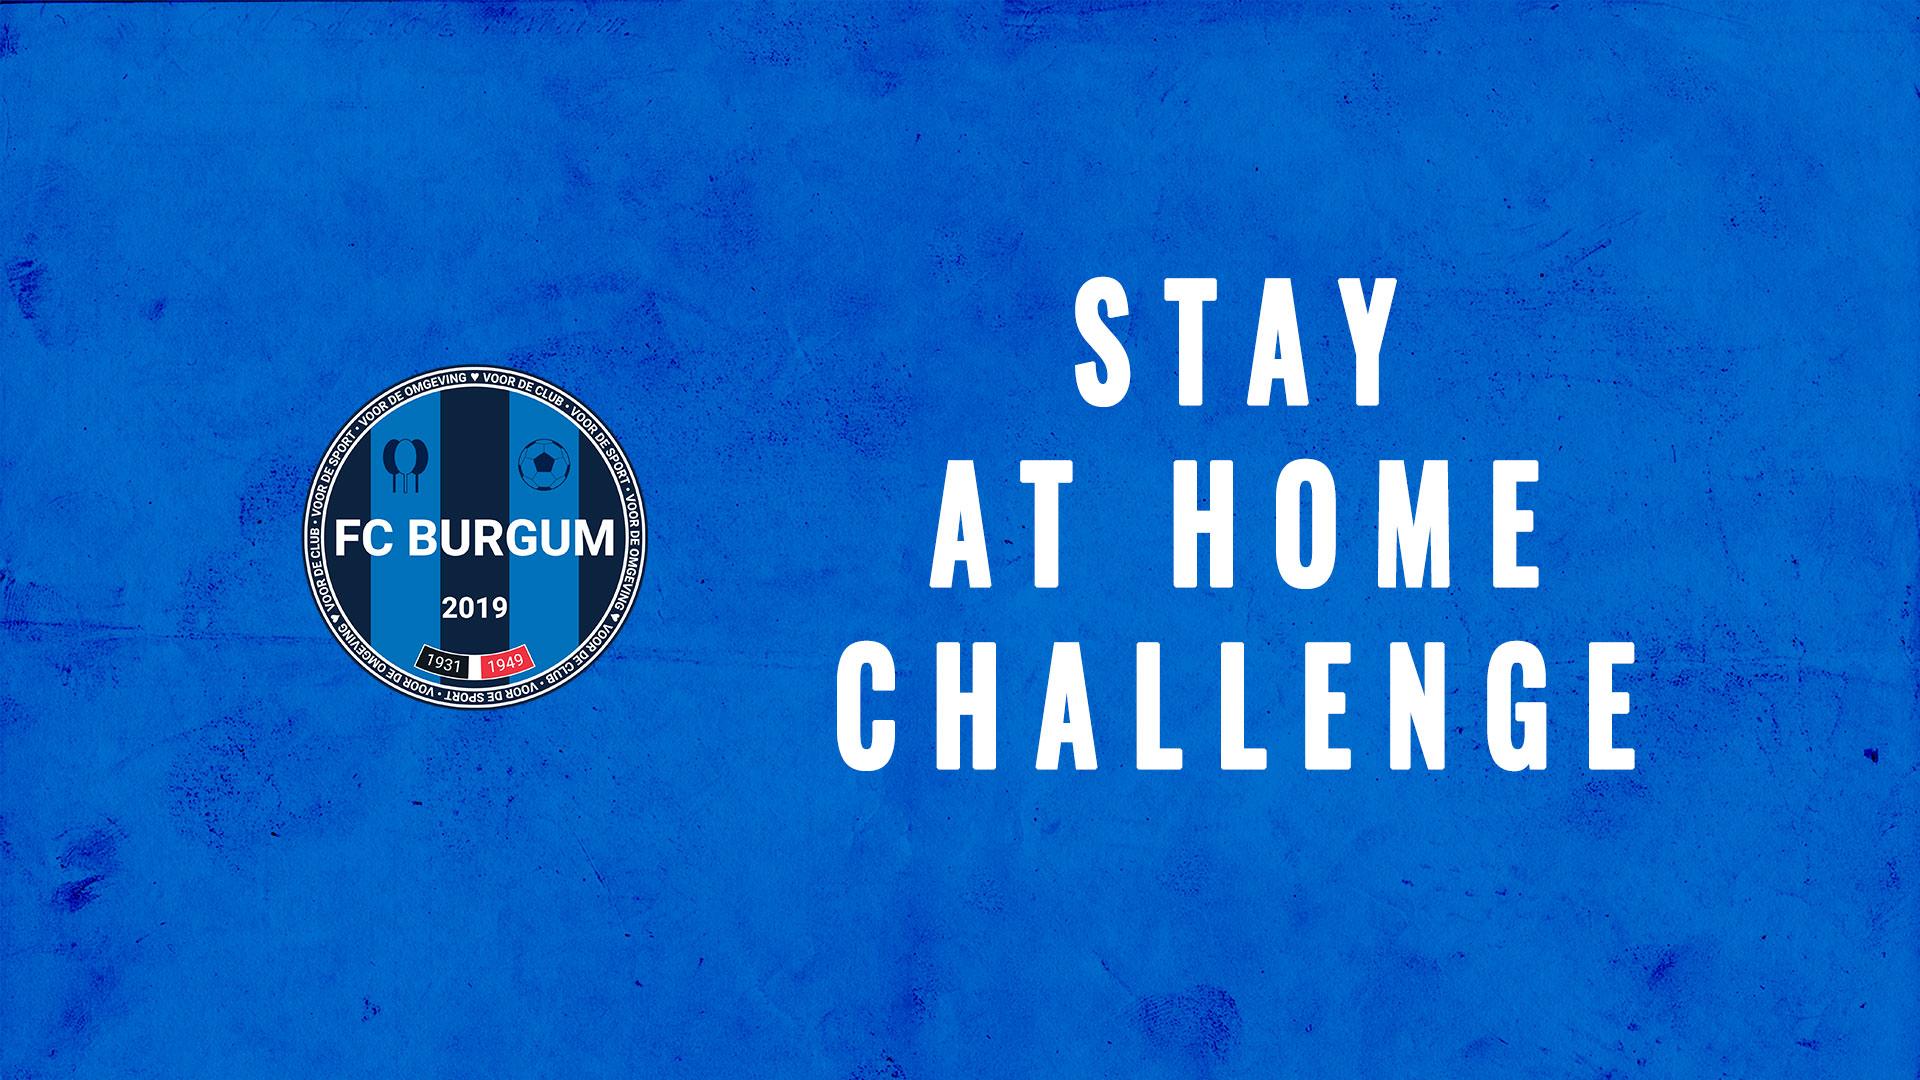 Doe jij ook mee met de Challenge?